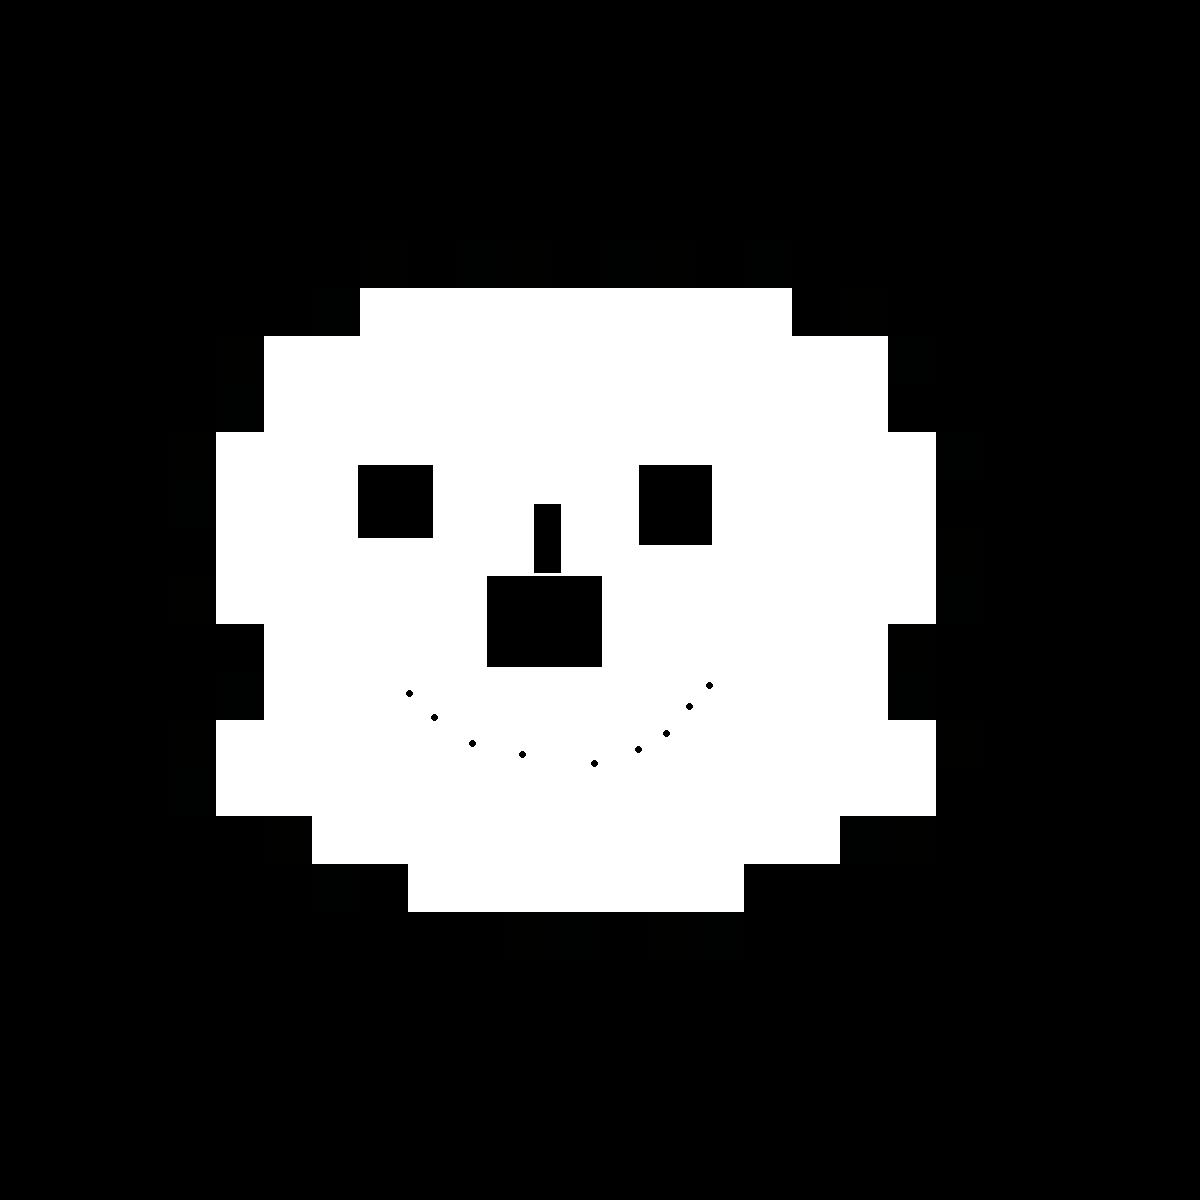 snowman design of sans